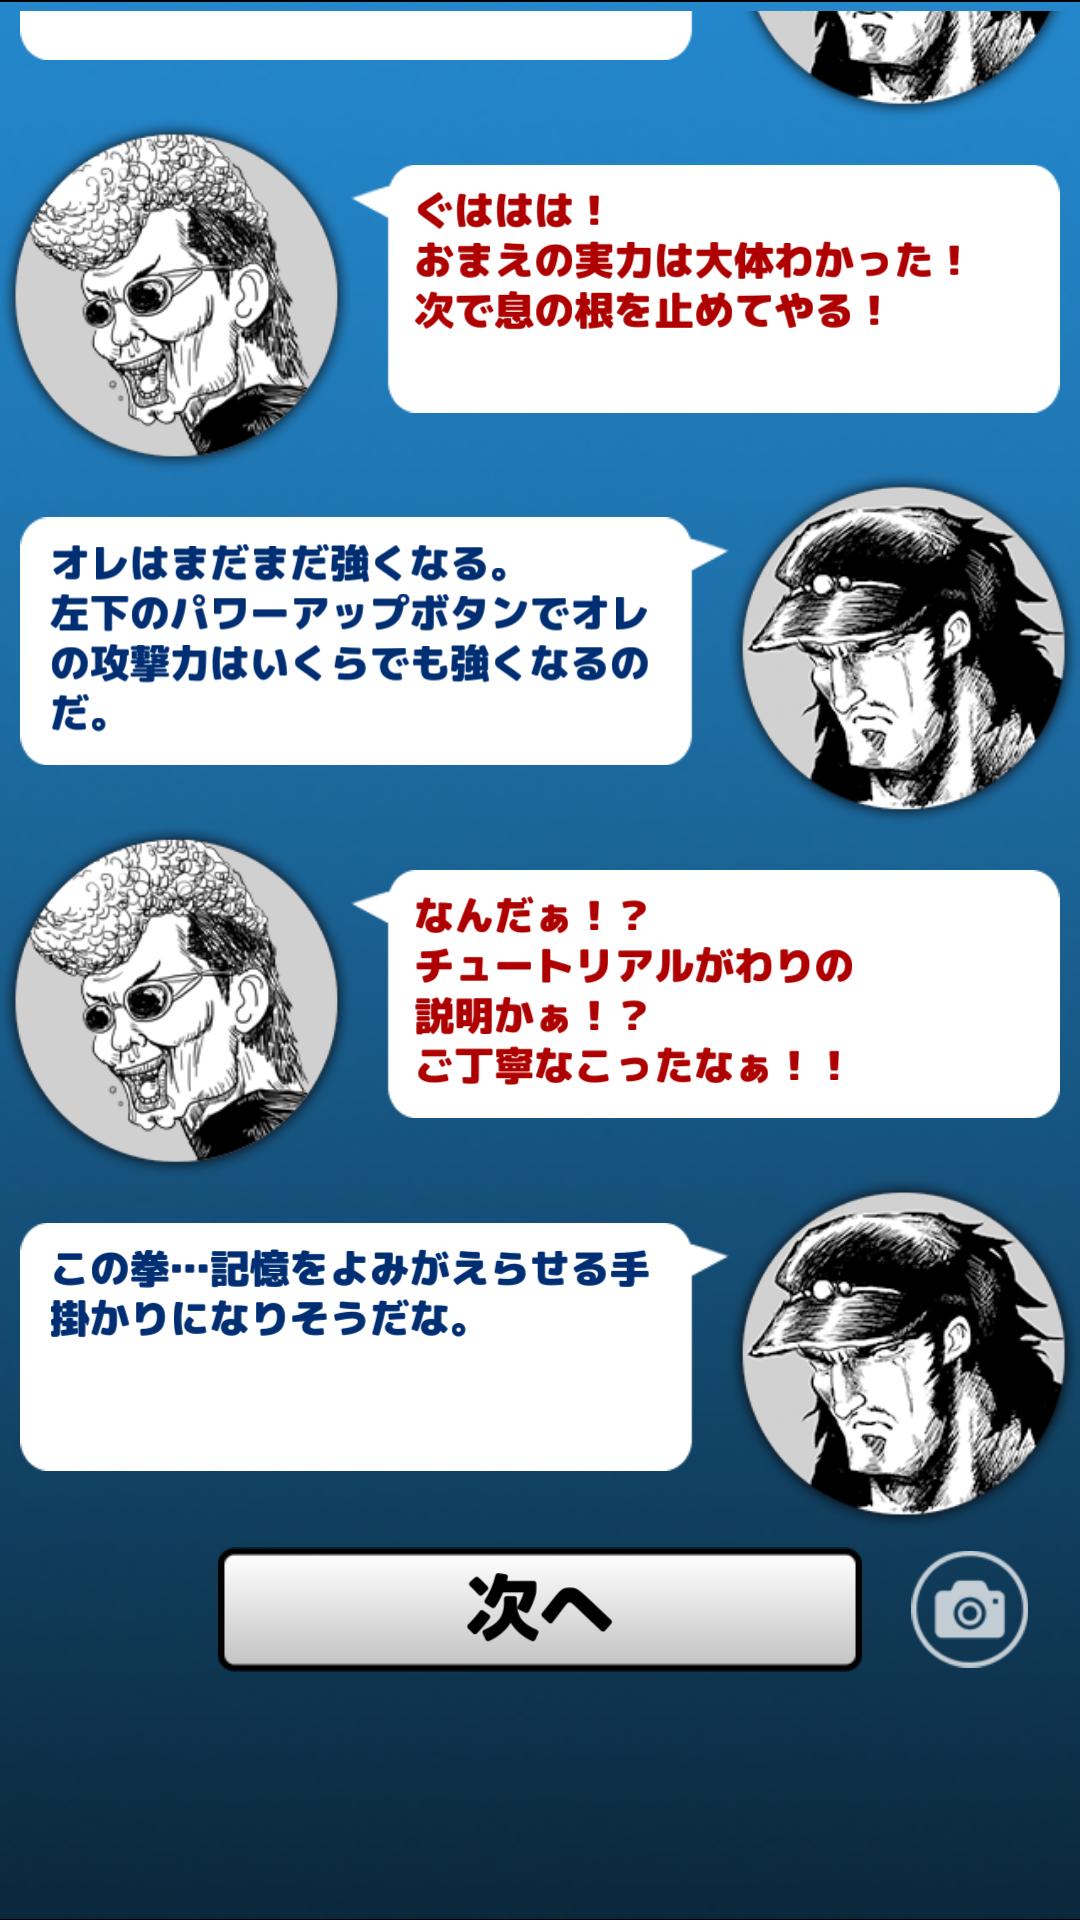 androidアプリ ゲス野郎と拳攻略スクリーンショット2